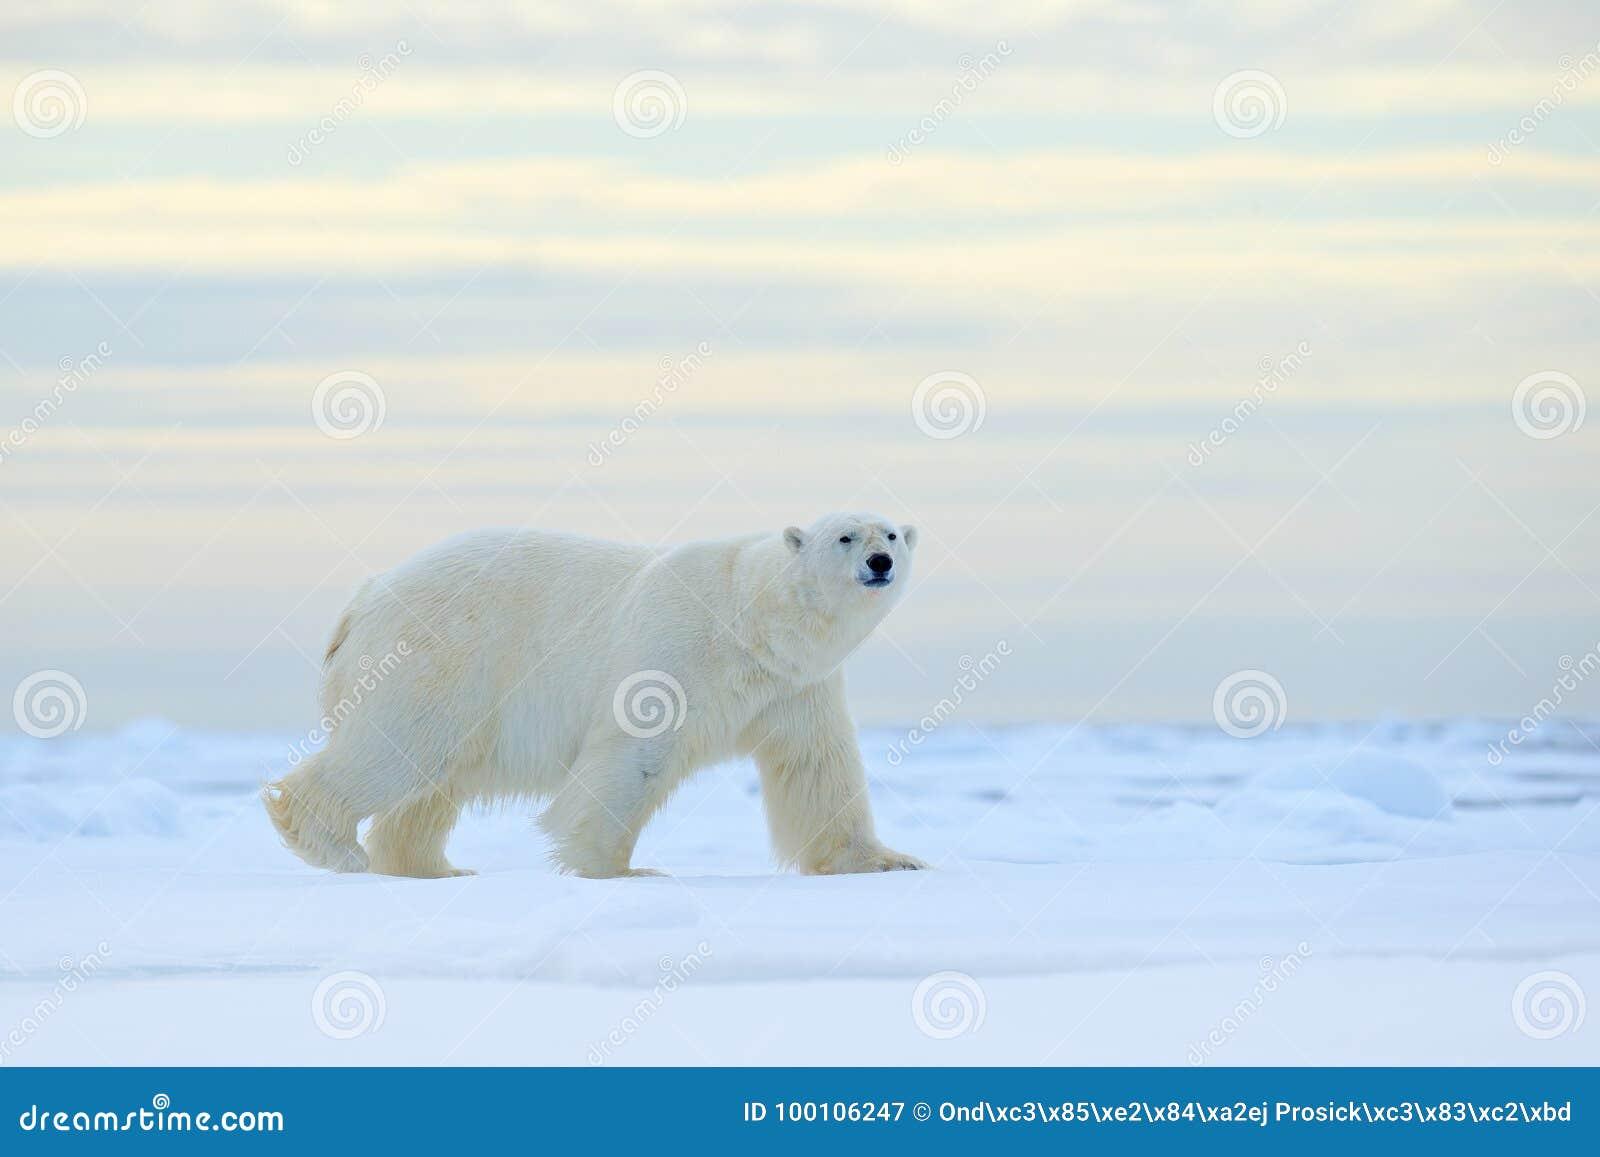 Urso polar na borda do gelo de tração com neve uma água em Svalbard ártico Animal branco no habitat da natureza, Noruega Cena dos